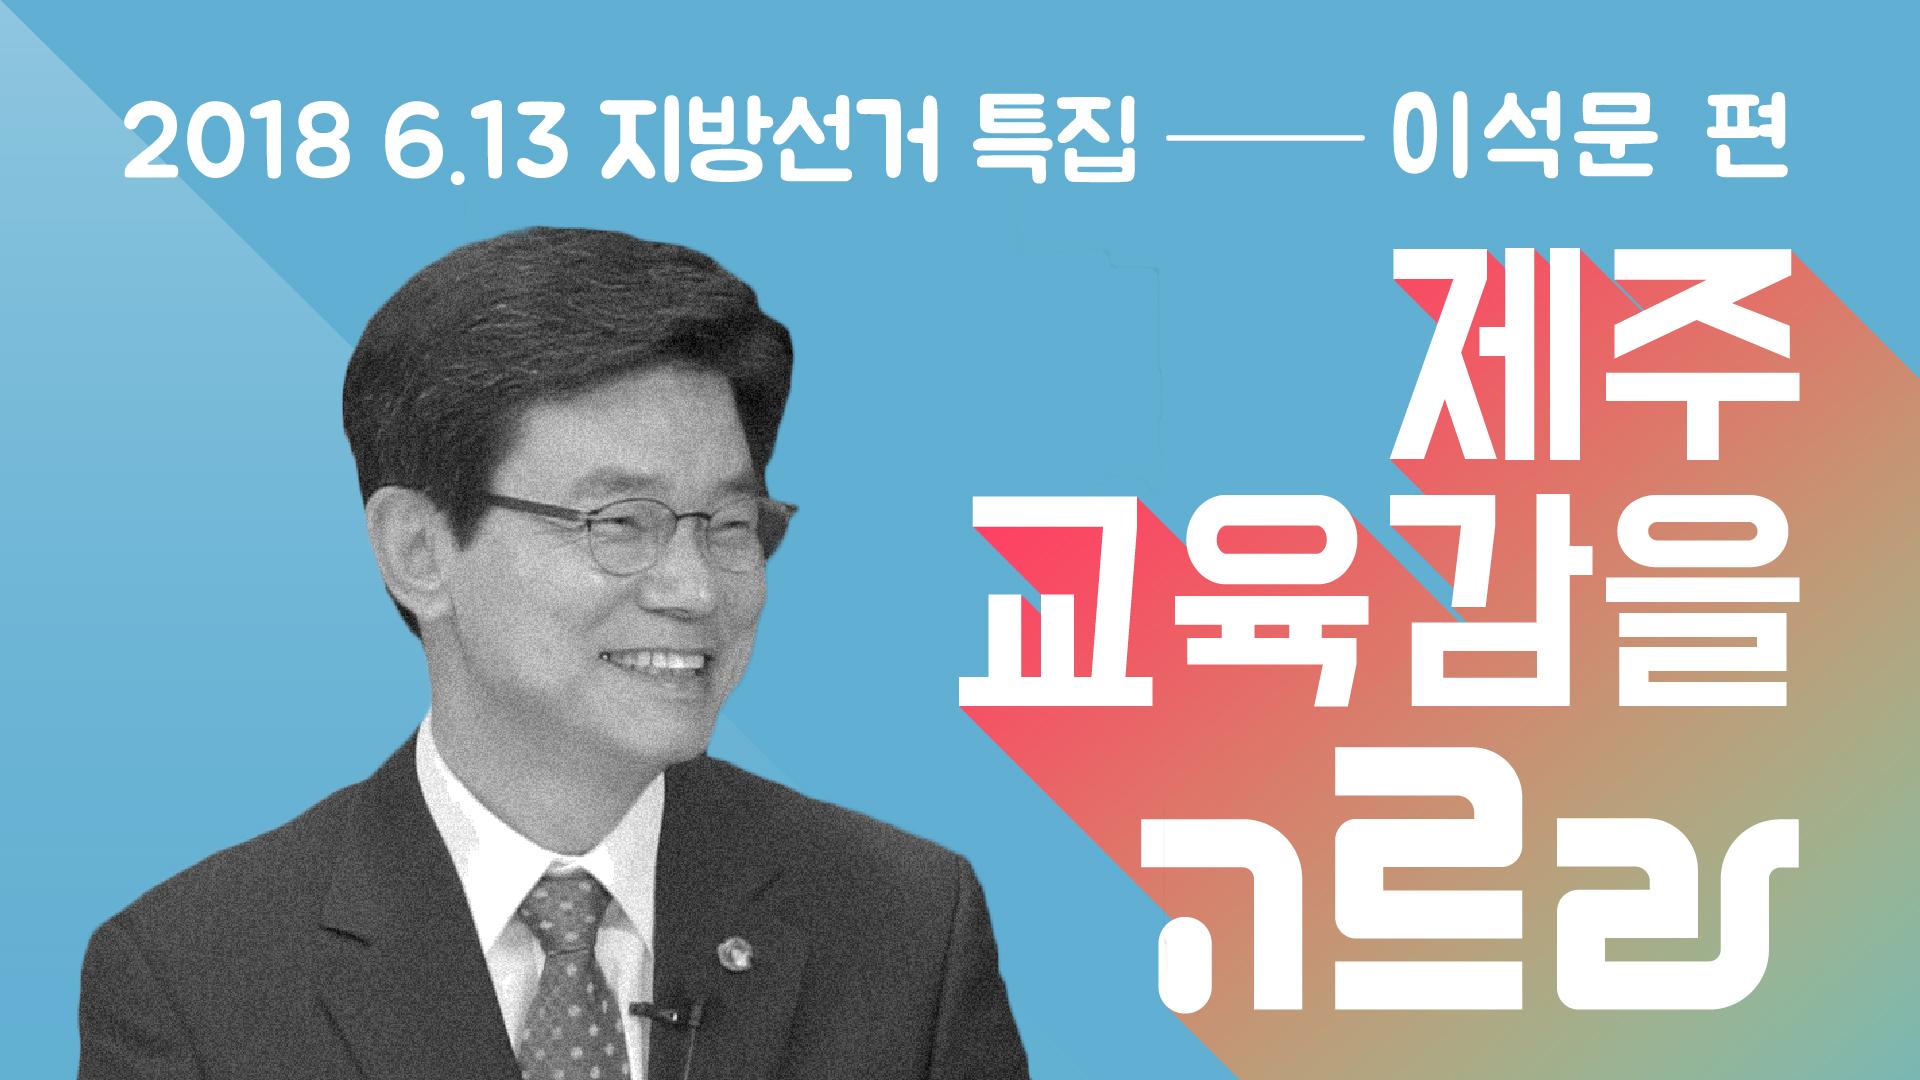 <2018 6.13 지방선거 특집> 교육감후보 이석문편 -...